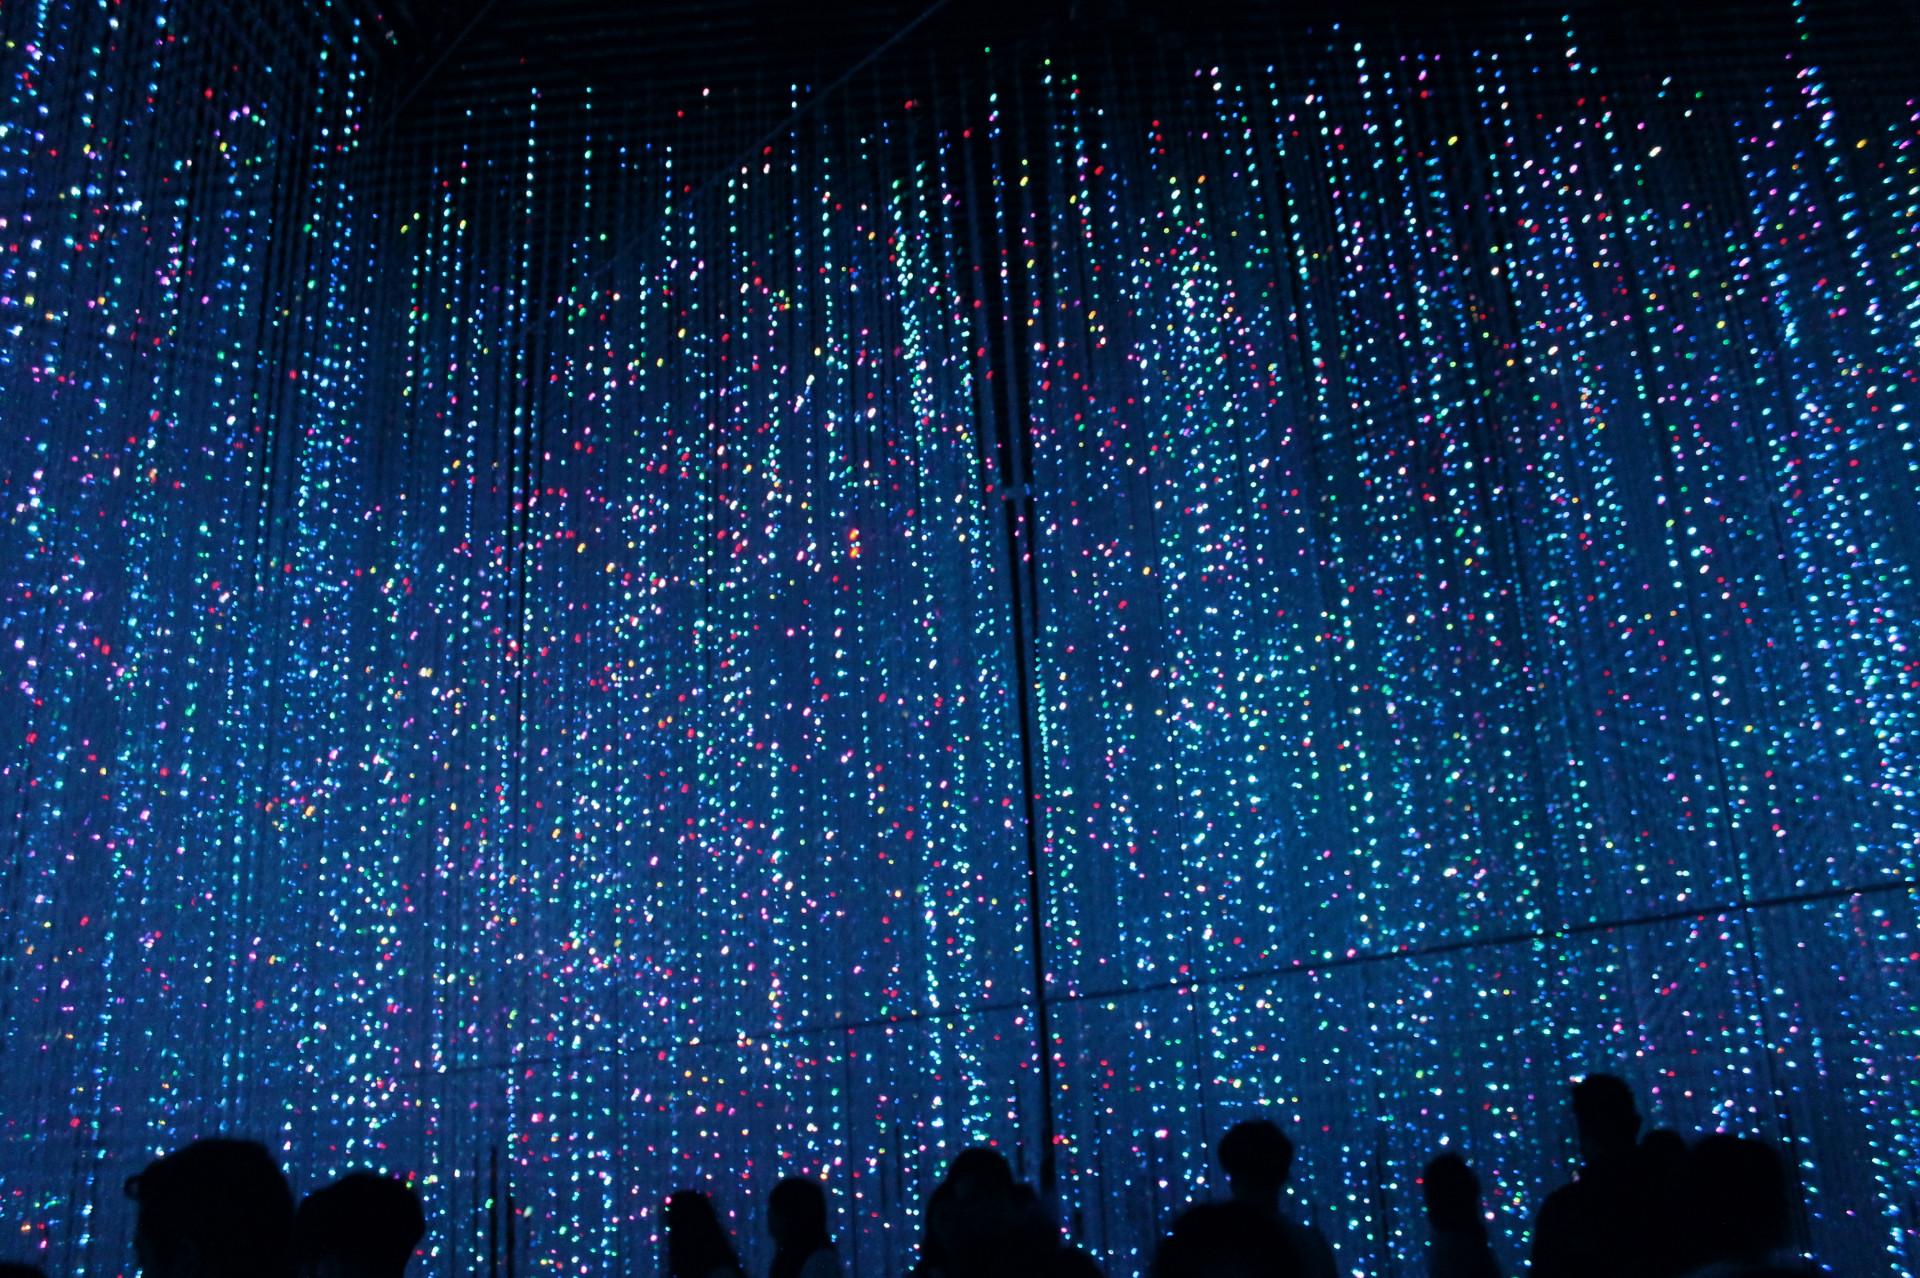 Digital Art Lab's crystalline LED room